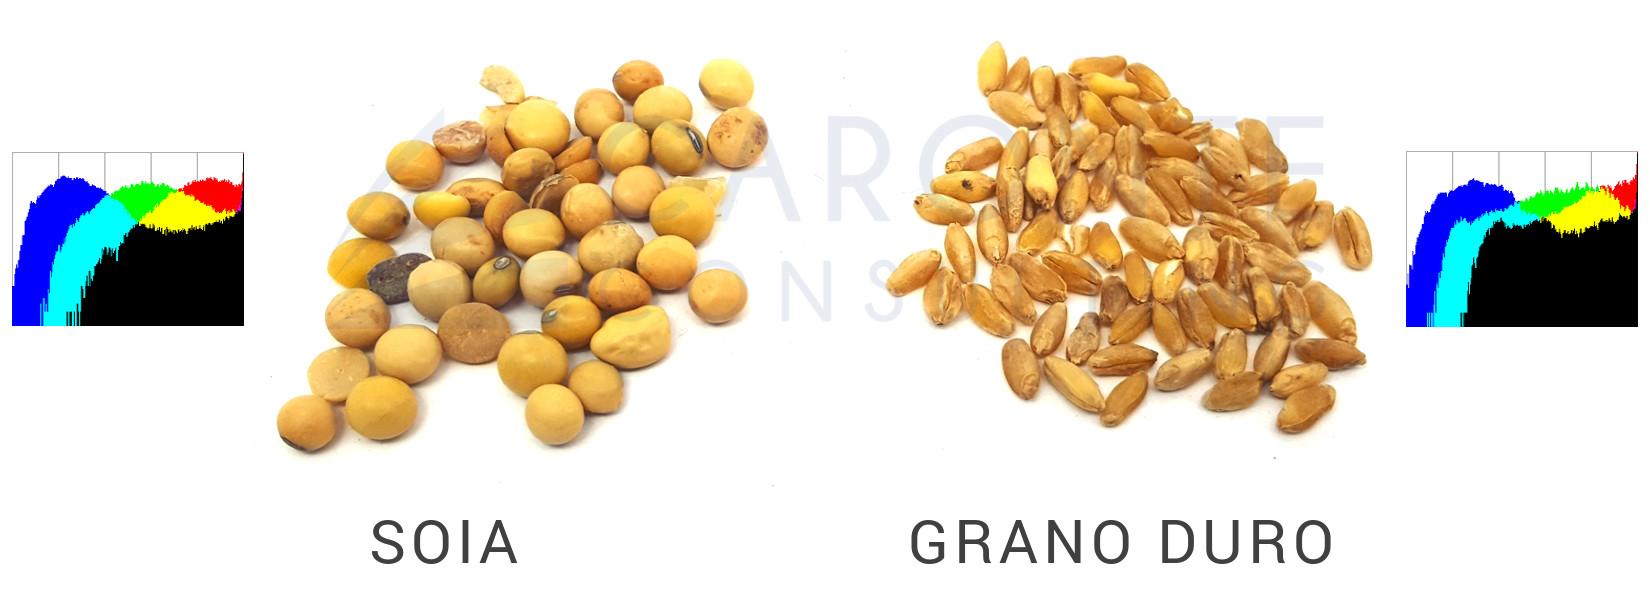 Visione Artificiale - Soia e grano duro